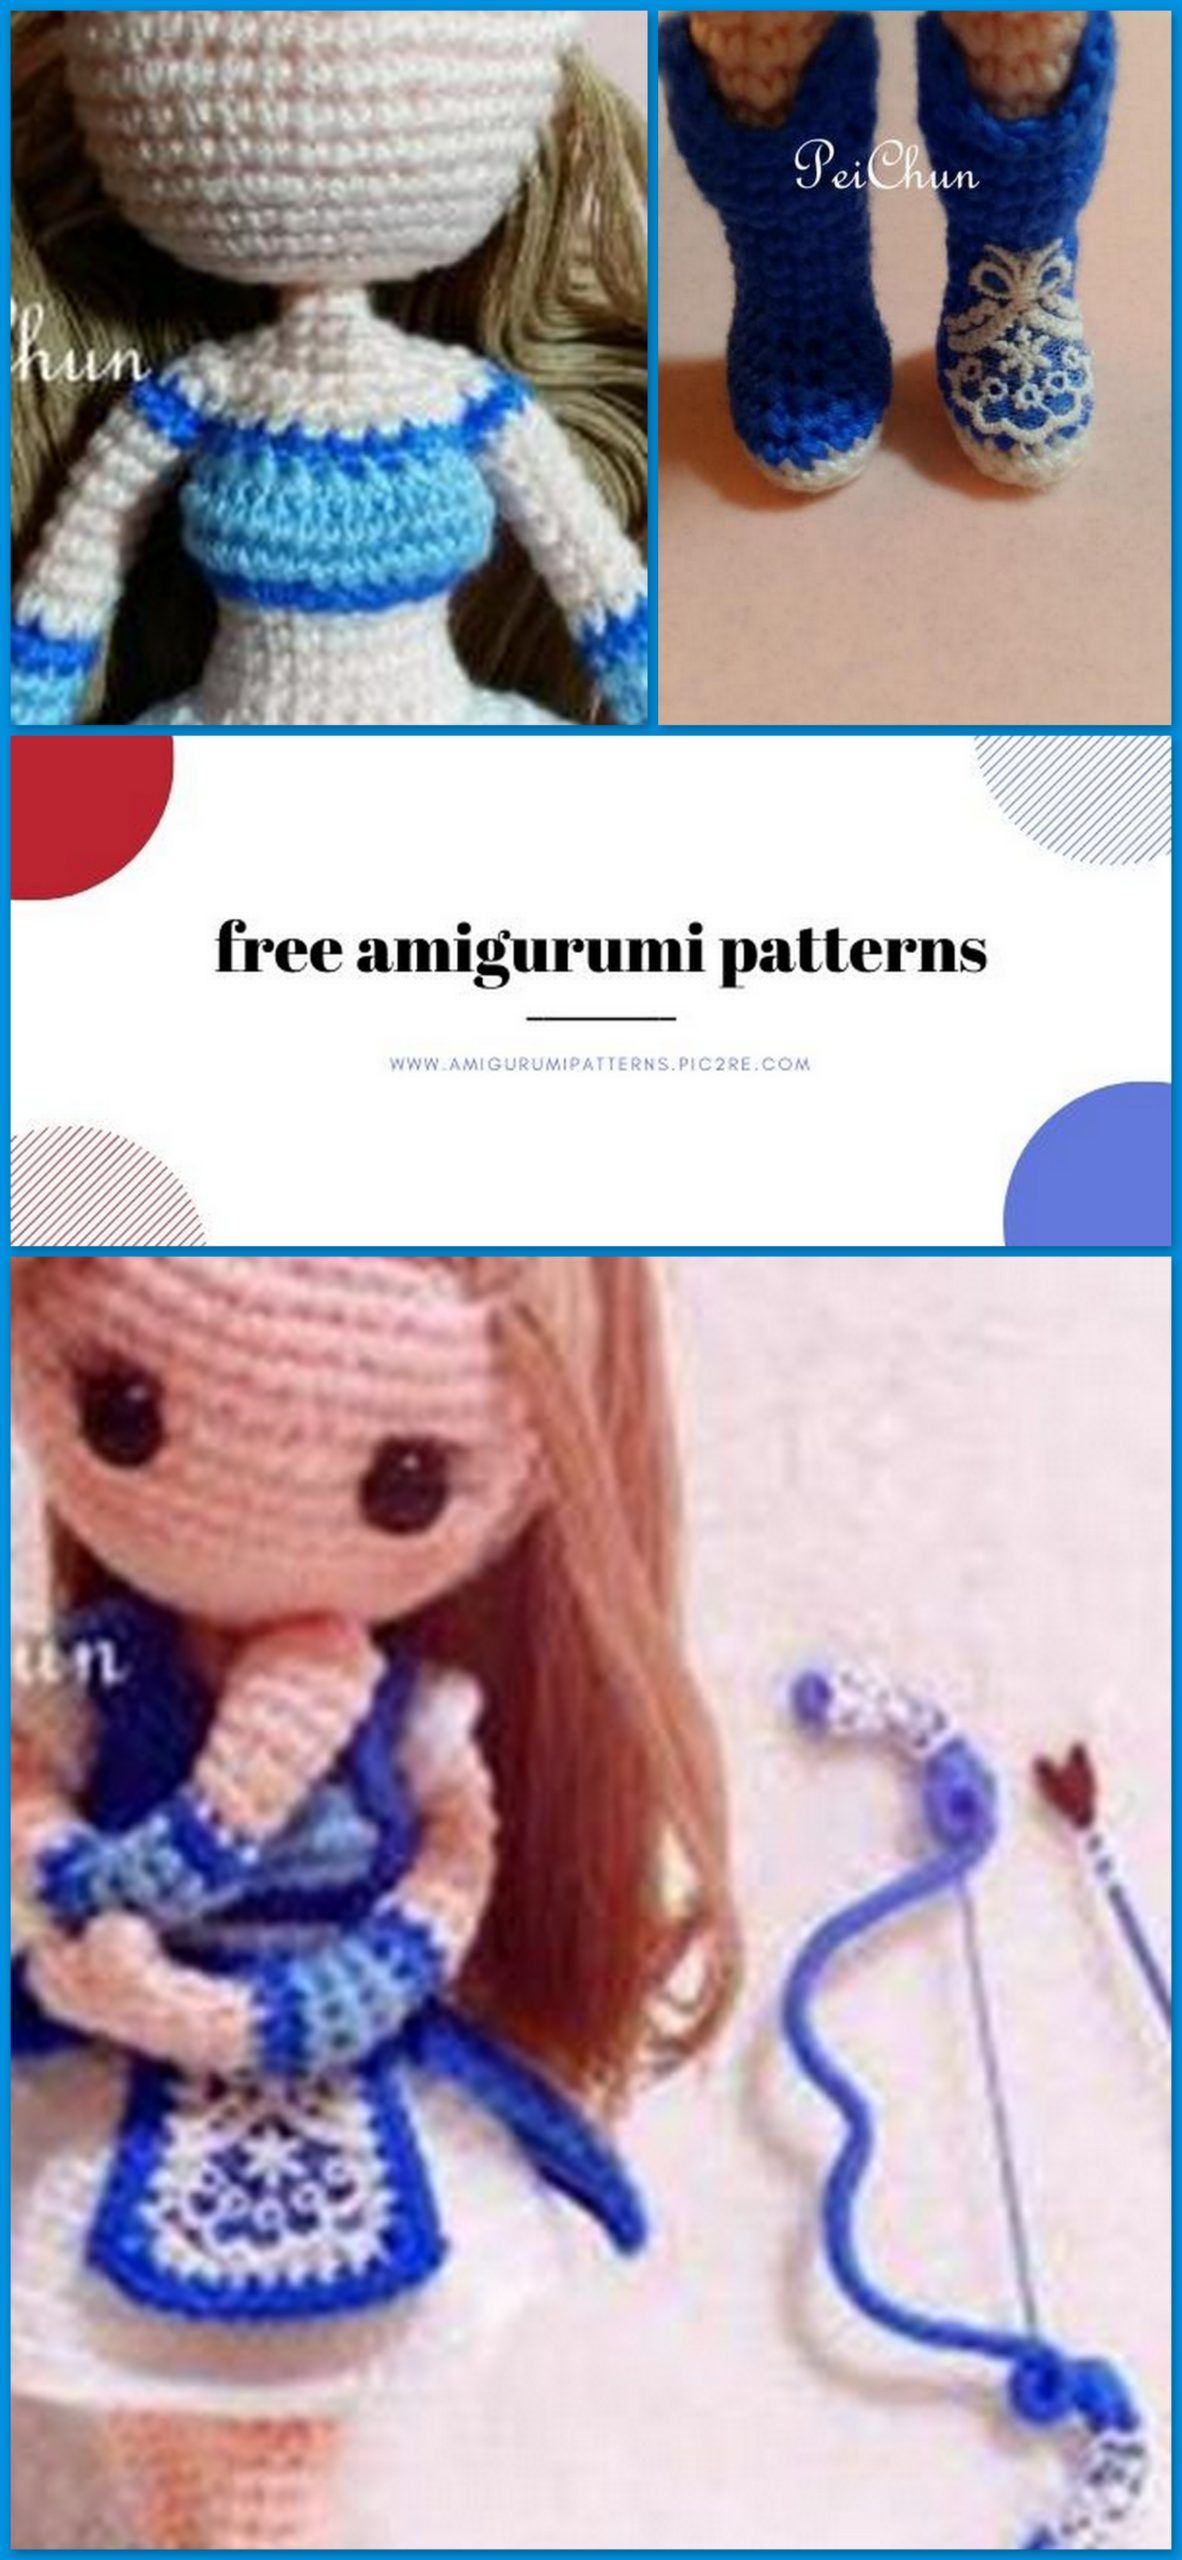 Mini Crochet Creatures: 30 Amigurumi Animals to Make - Kindle ... | 2560x1182